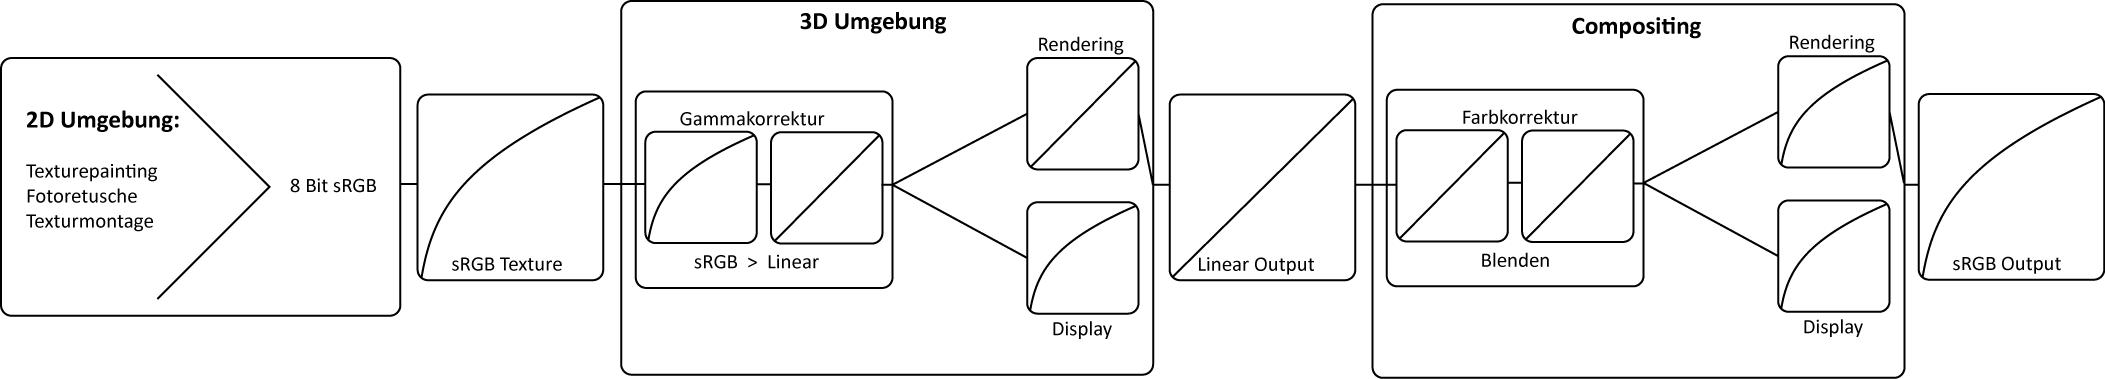 linearer_Workflow